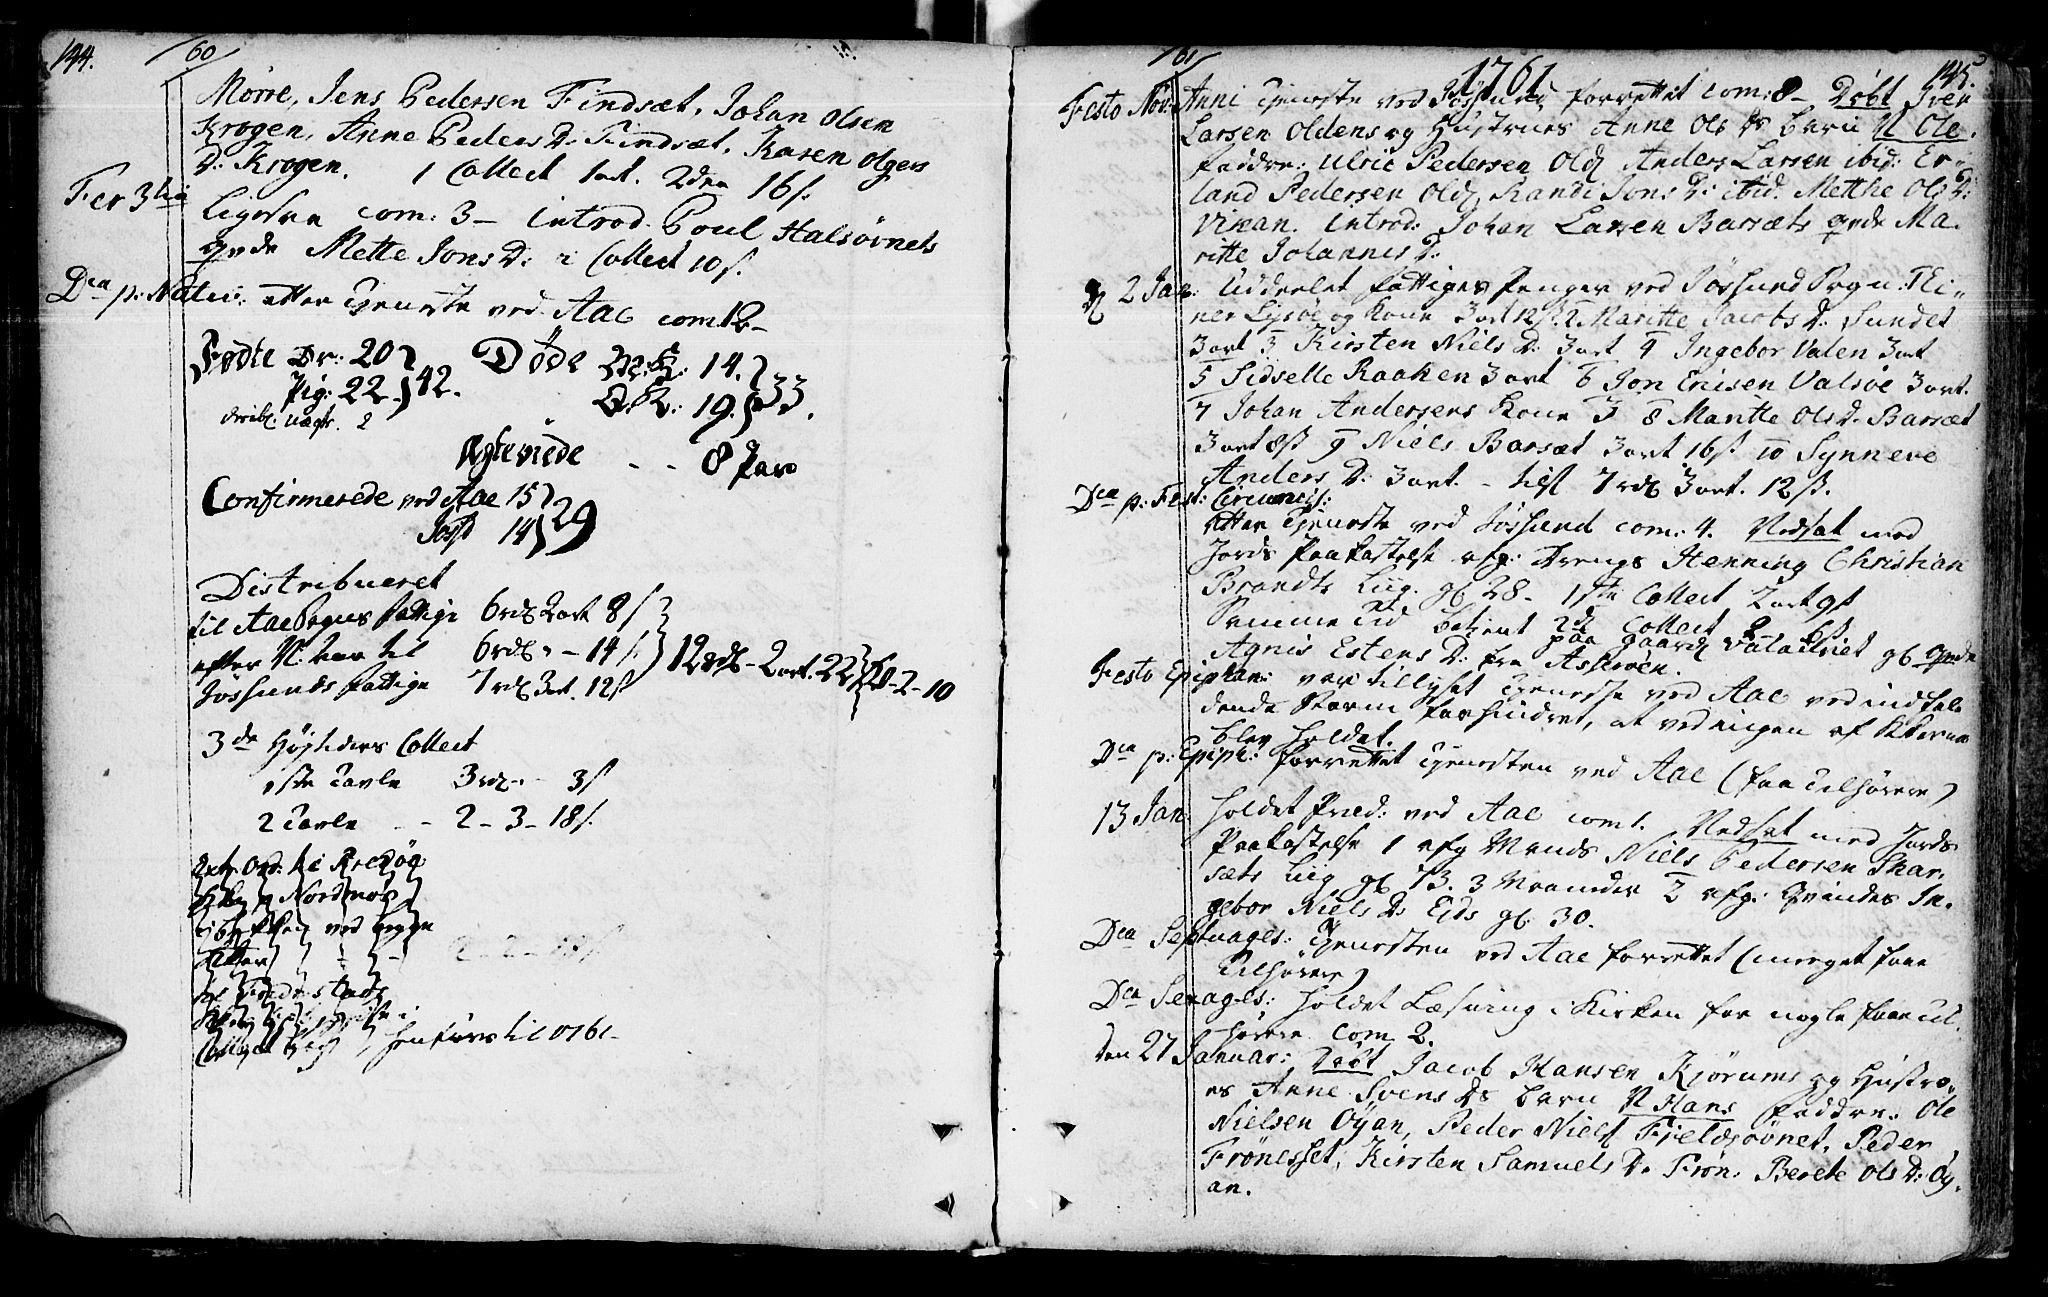 SAT, Ministerialprotokoller, klokkerbøker og fødselsregistre - Sør-Trøndelag, 655/L0672: Ministerialbok nr. 655A01, 1750-1779, s. 144-145